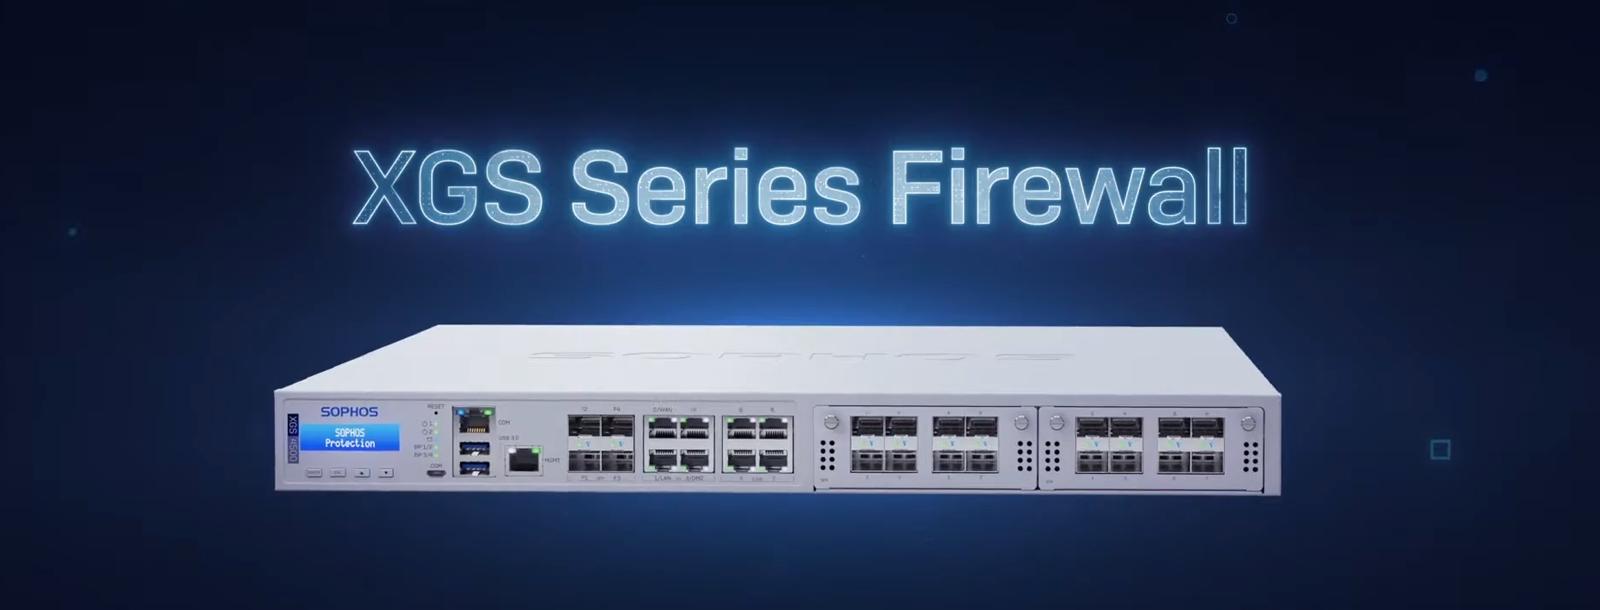 Sophos wprowadza nowe urządzenia Firewall XGS Series analizujące dane szyfrowane protokołem TLS